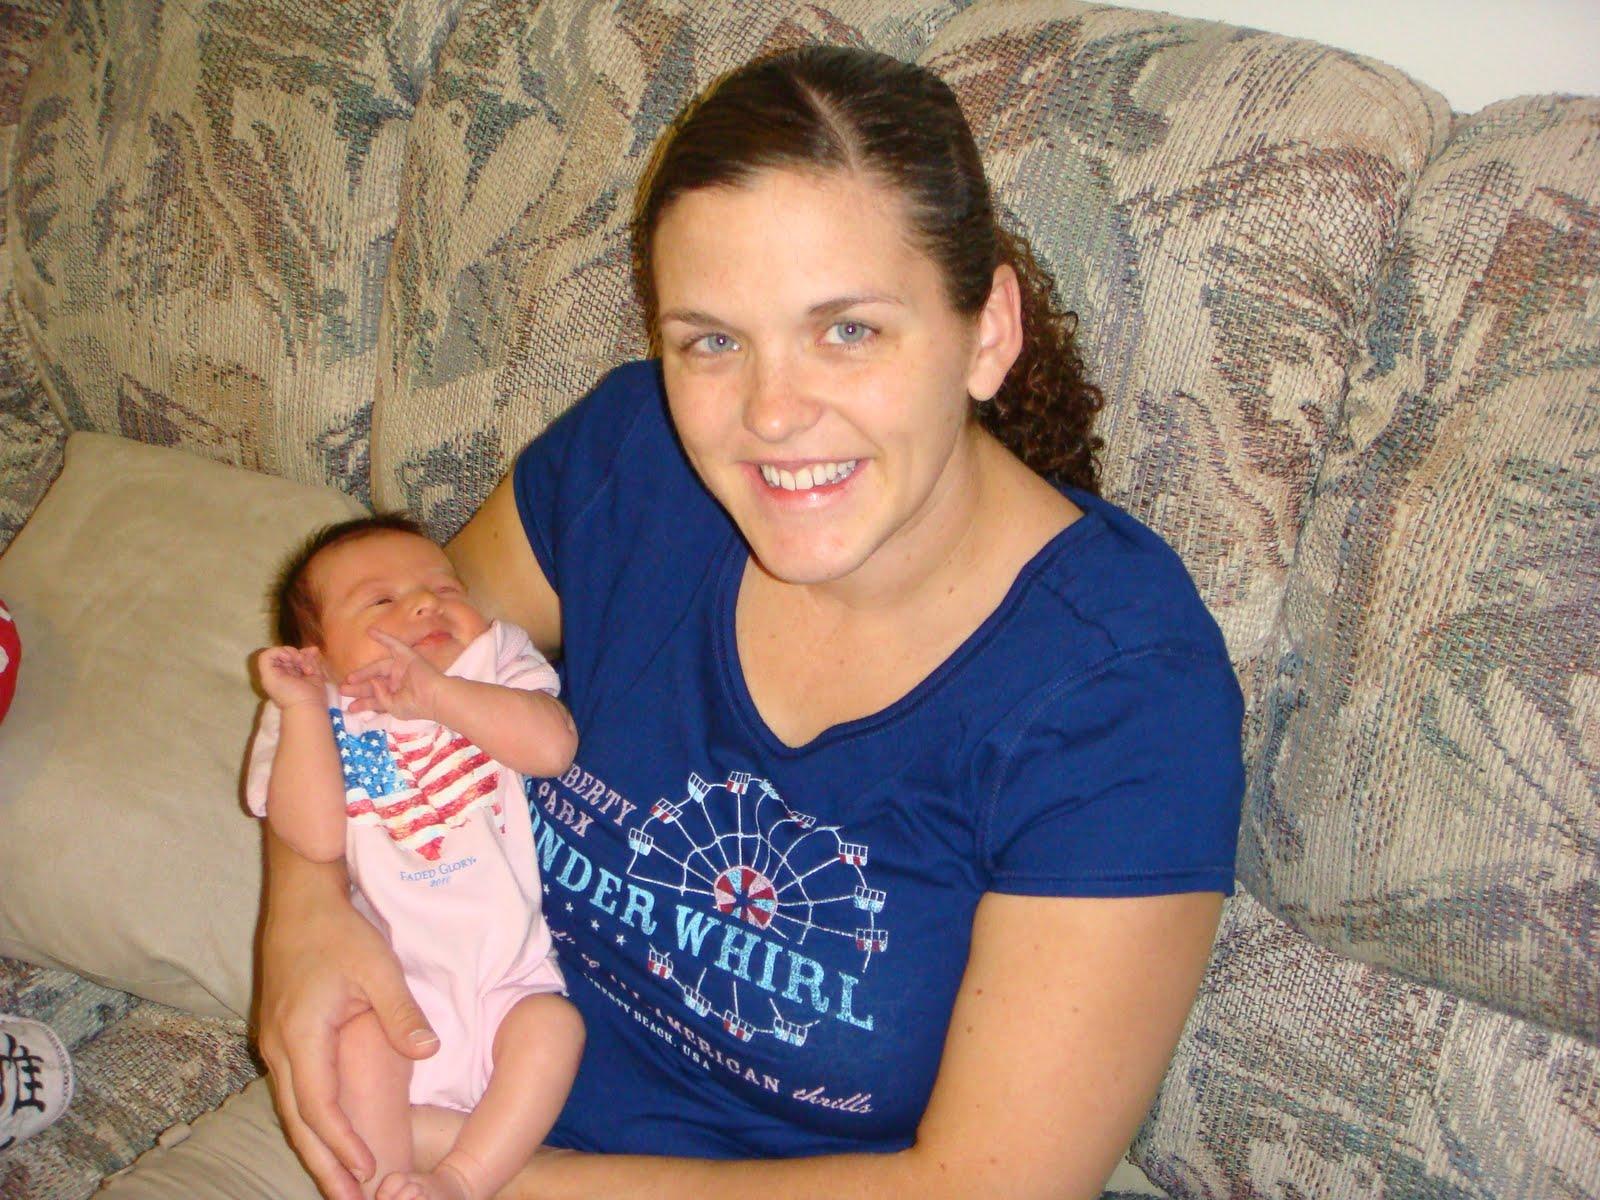 http://4.bp.blogspot.com/_JxJKx2pdIgg/TFNAR0jXGnI/AAAAAAAACIg/3XFCdrccINI/s1600/Baby+Emily,+July+18,+2010+062.jpg